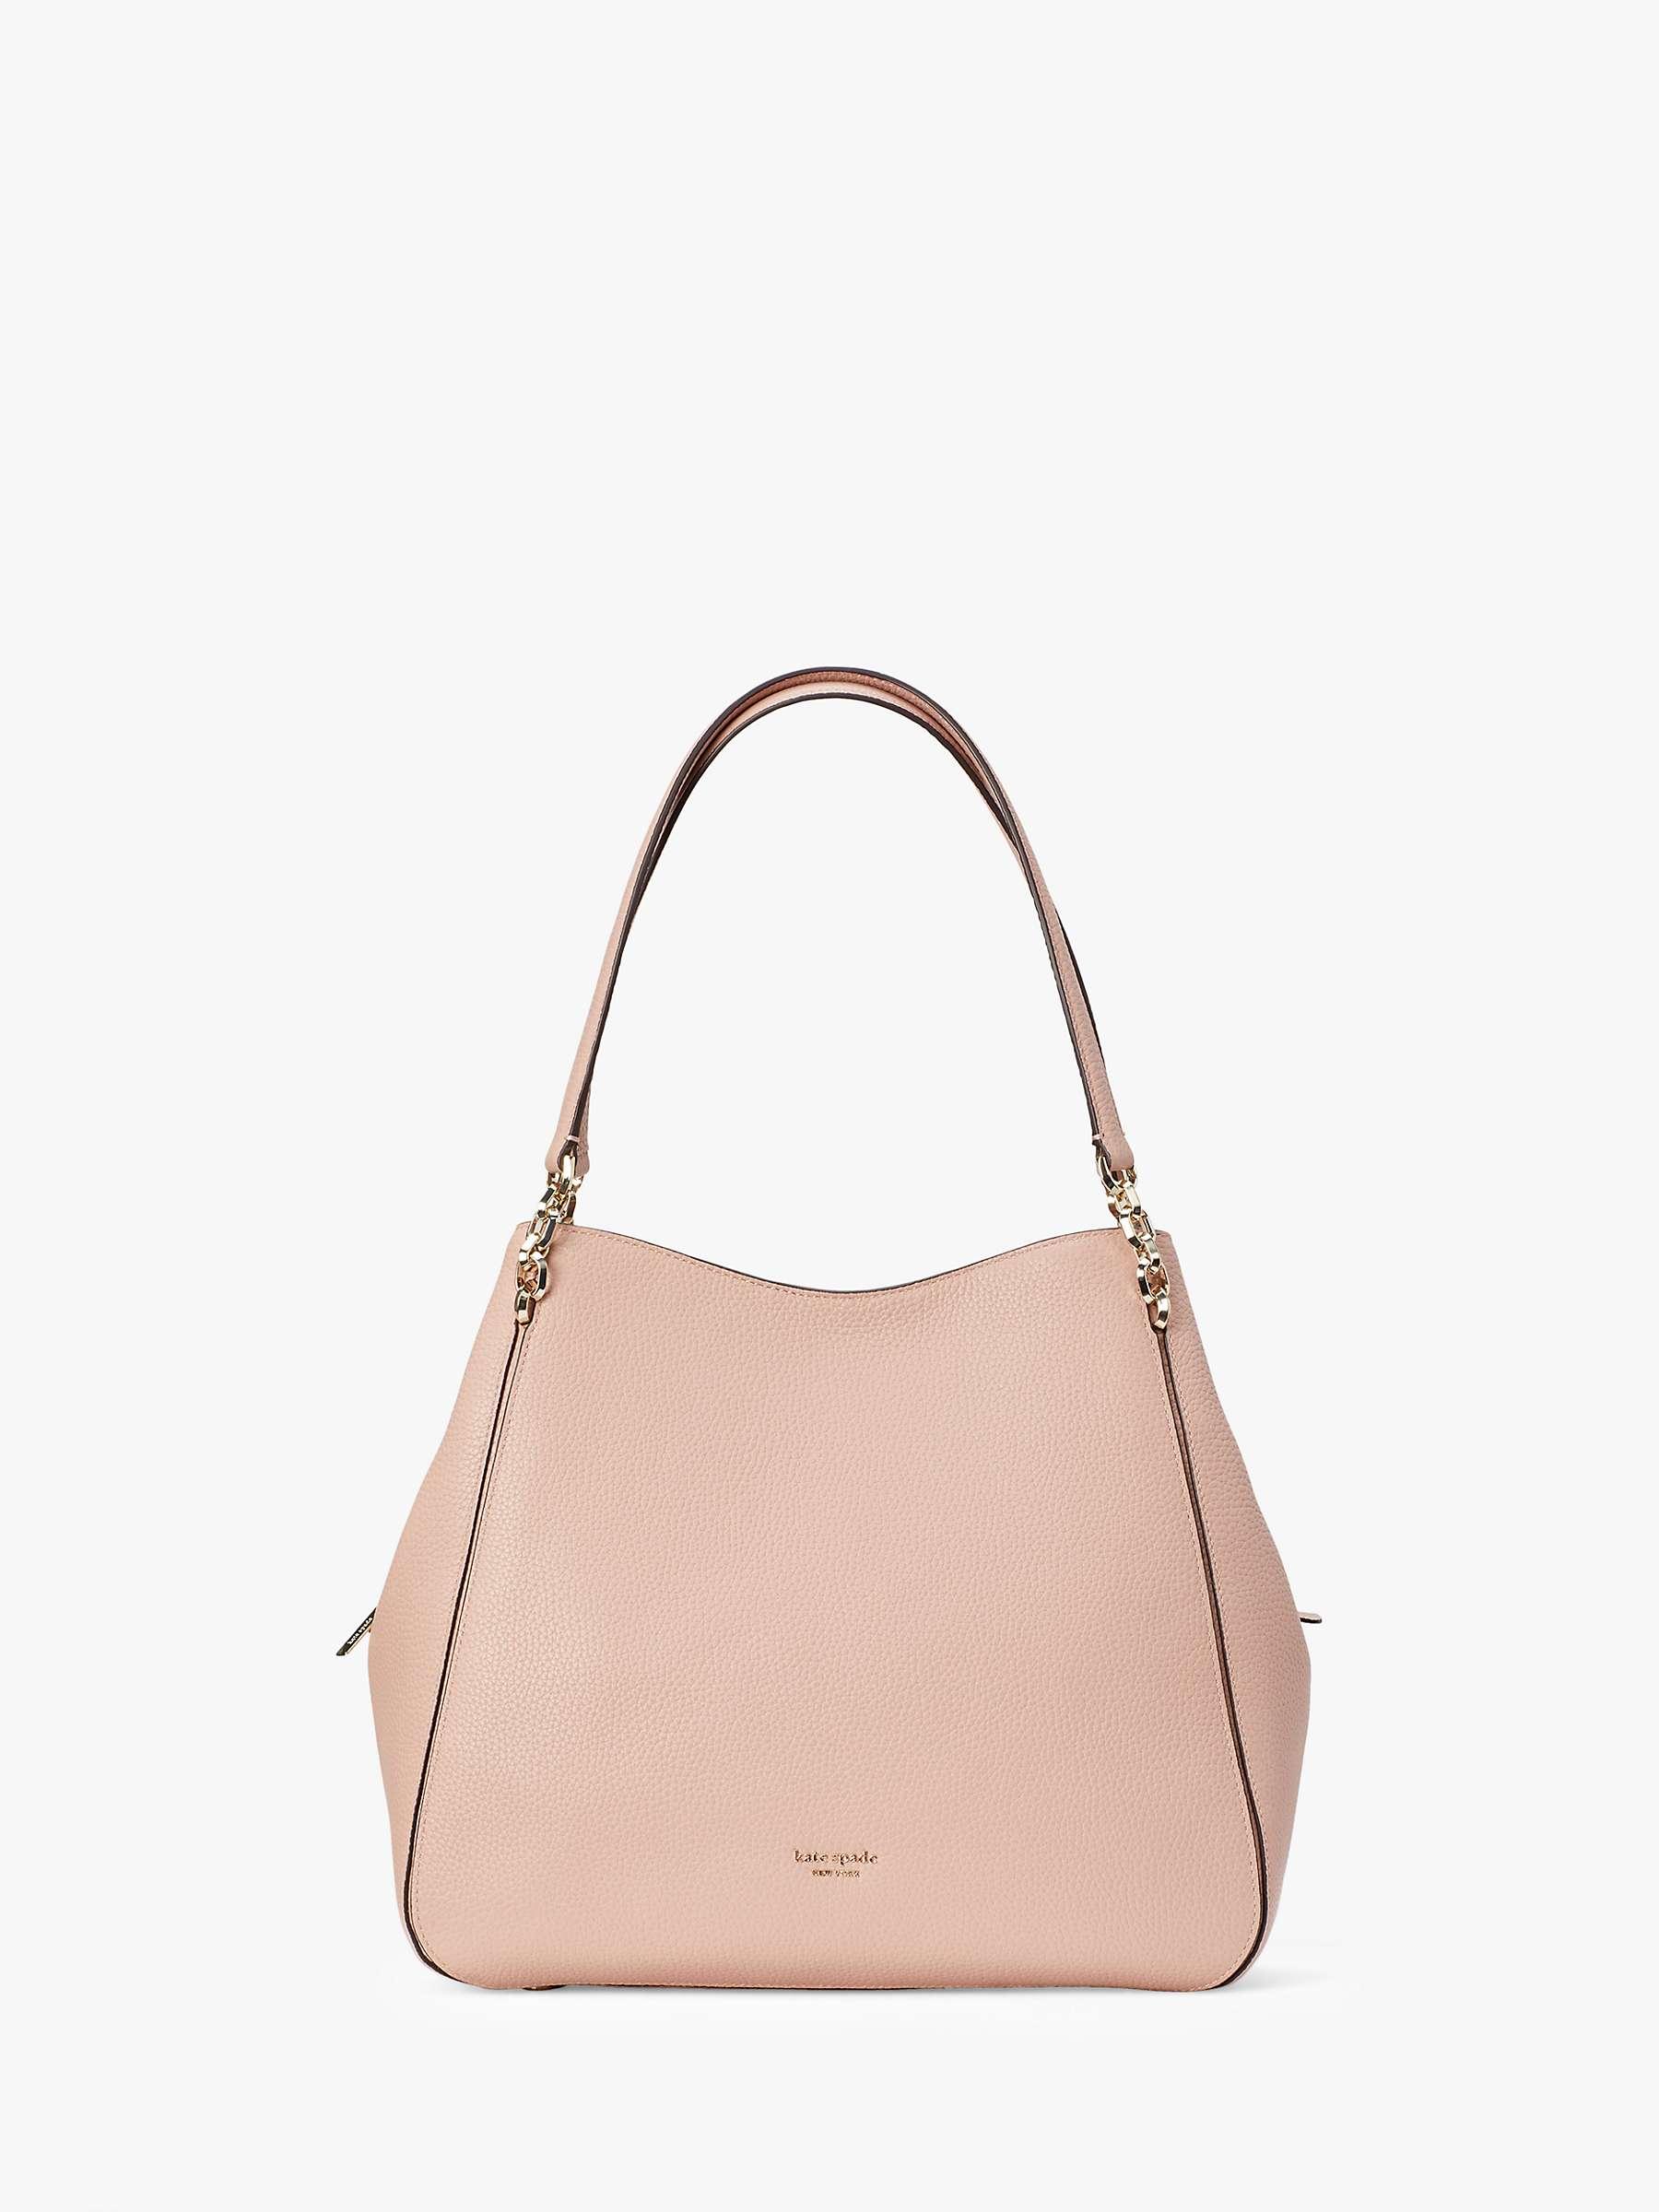 kate spade cream shoulder bag